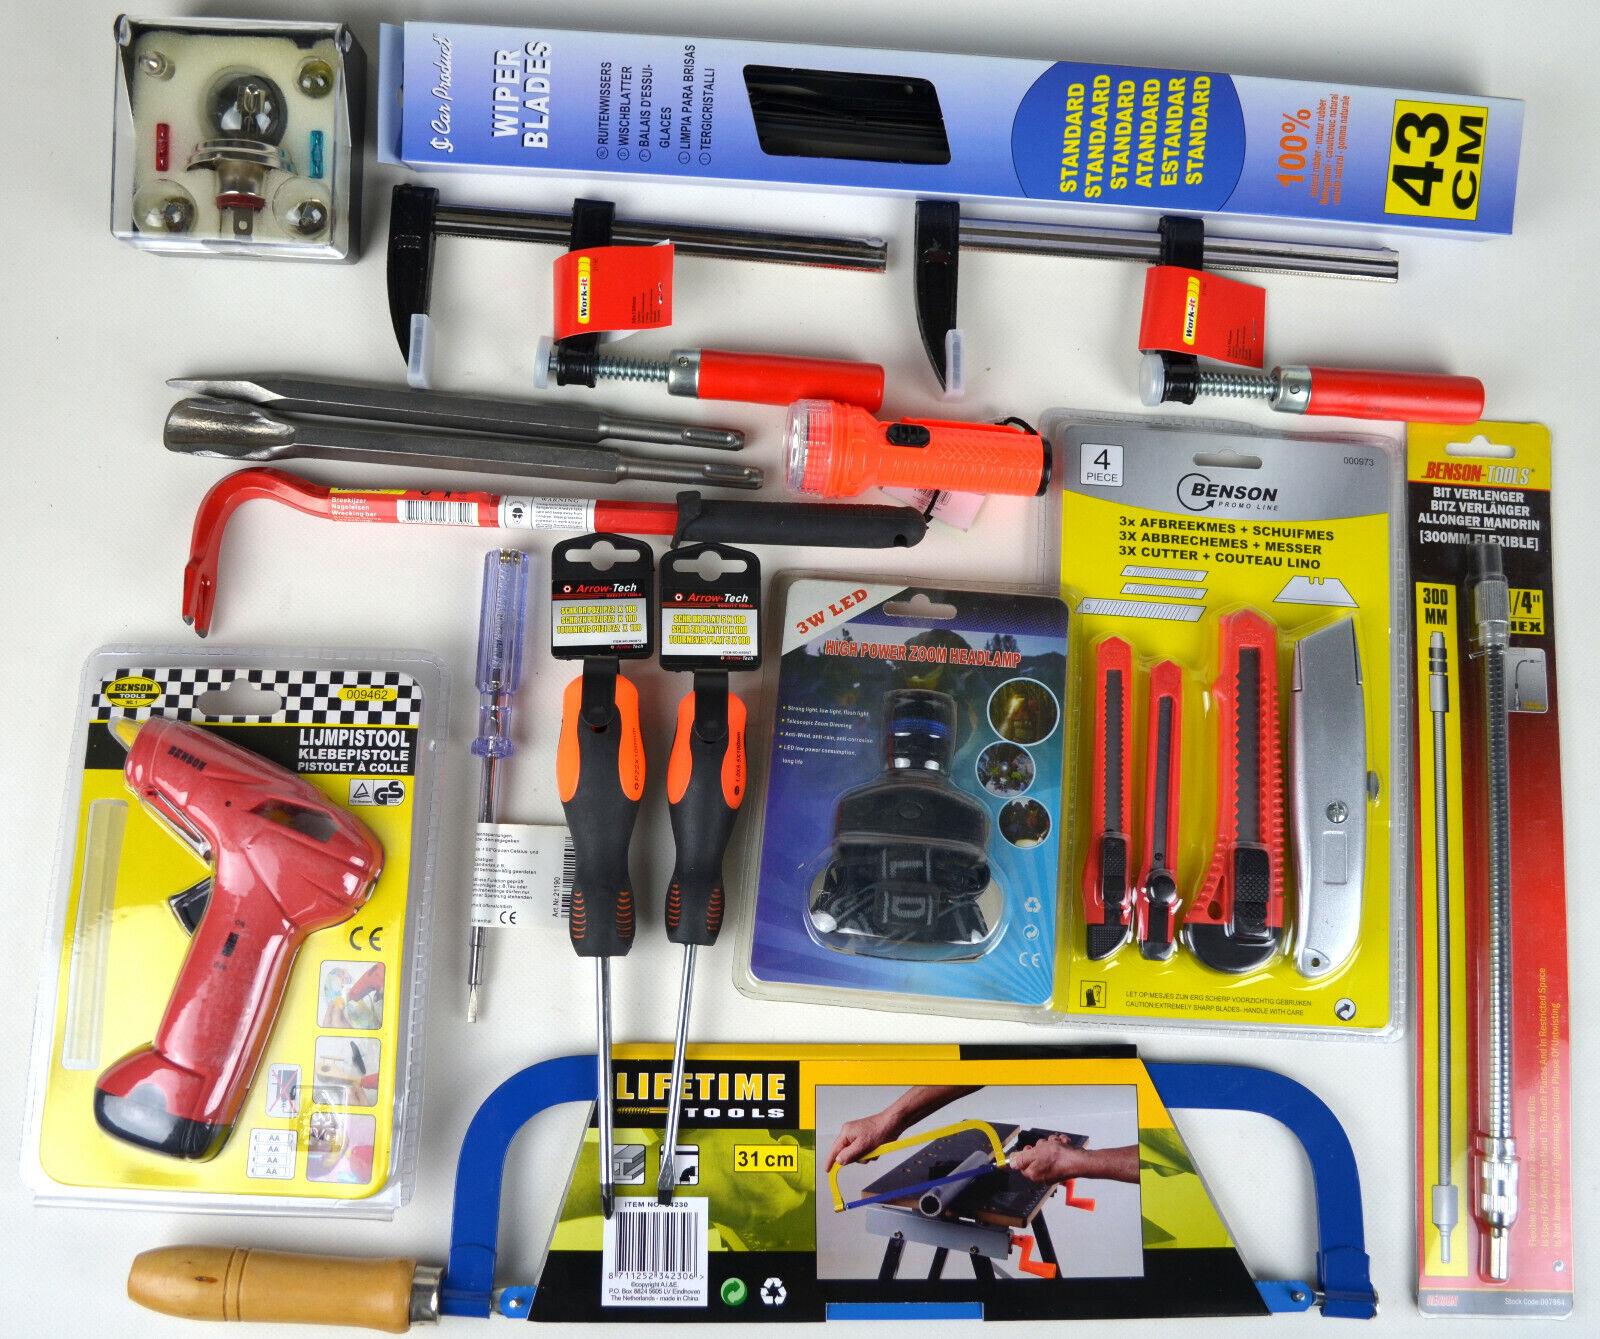 Werkzeug Restposten Baumarkt Schrauben Schlüssel Säge Taschenlampe Bohrer